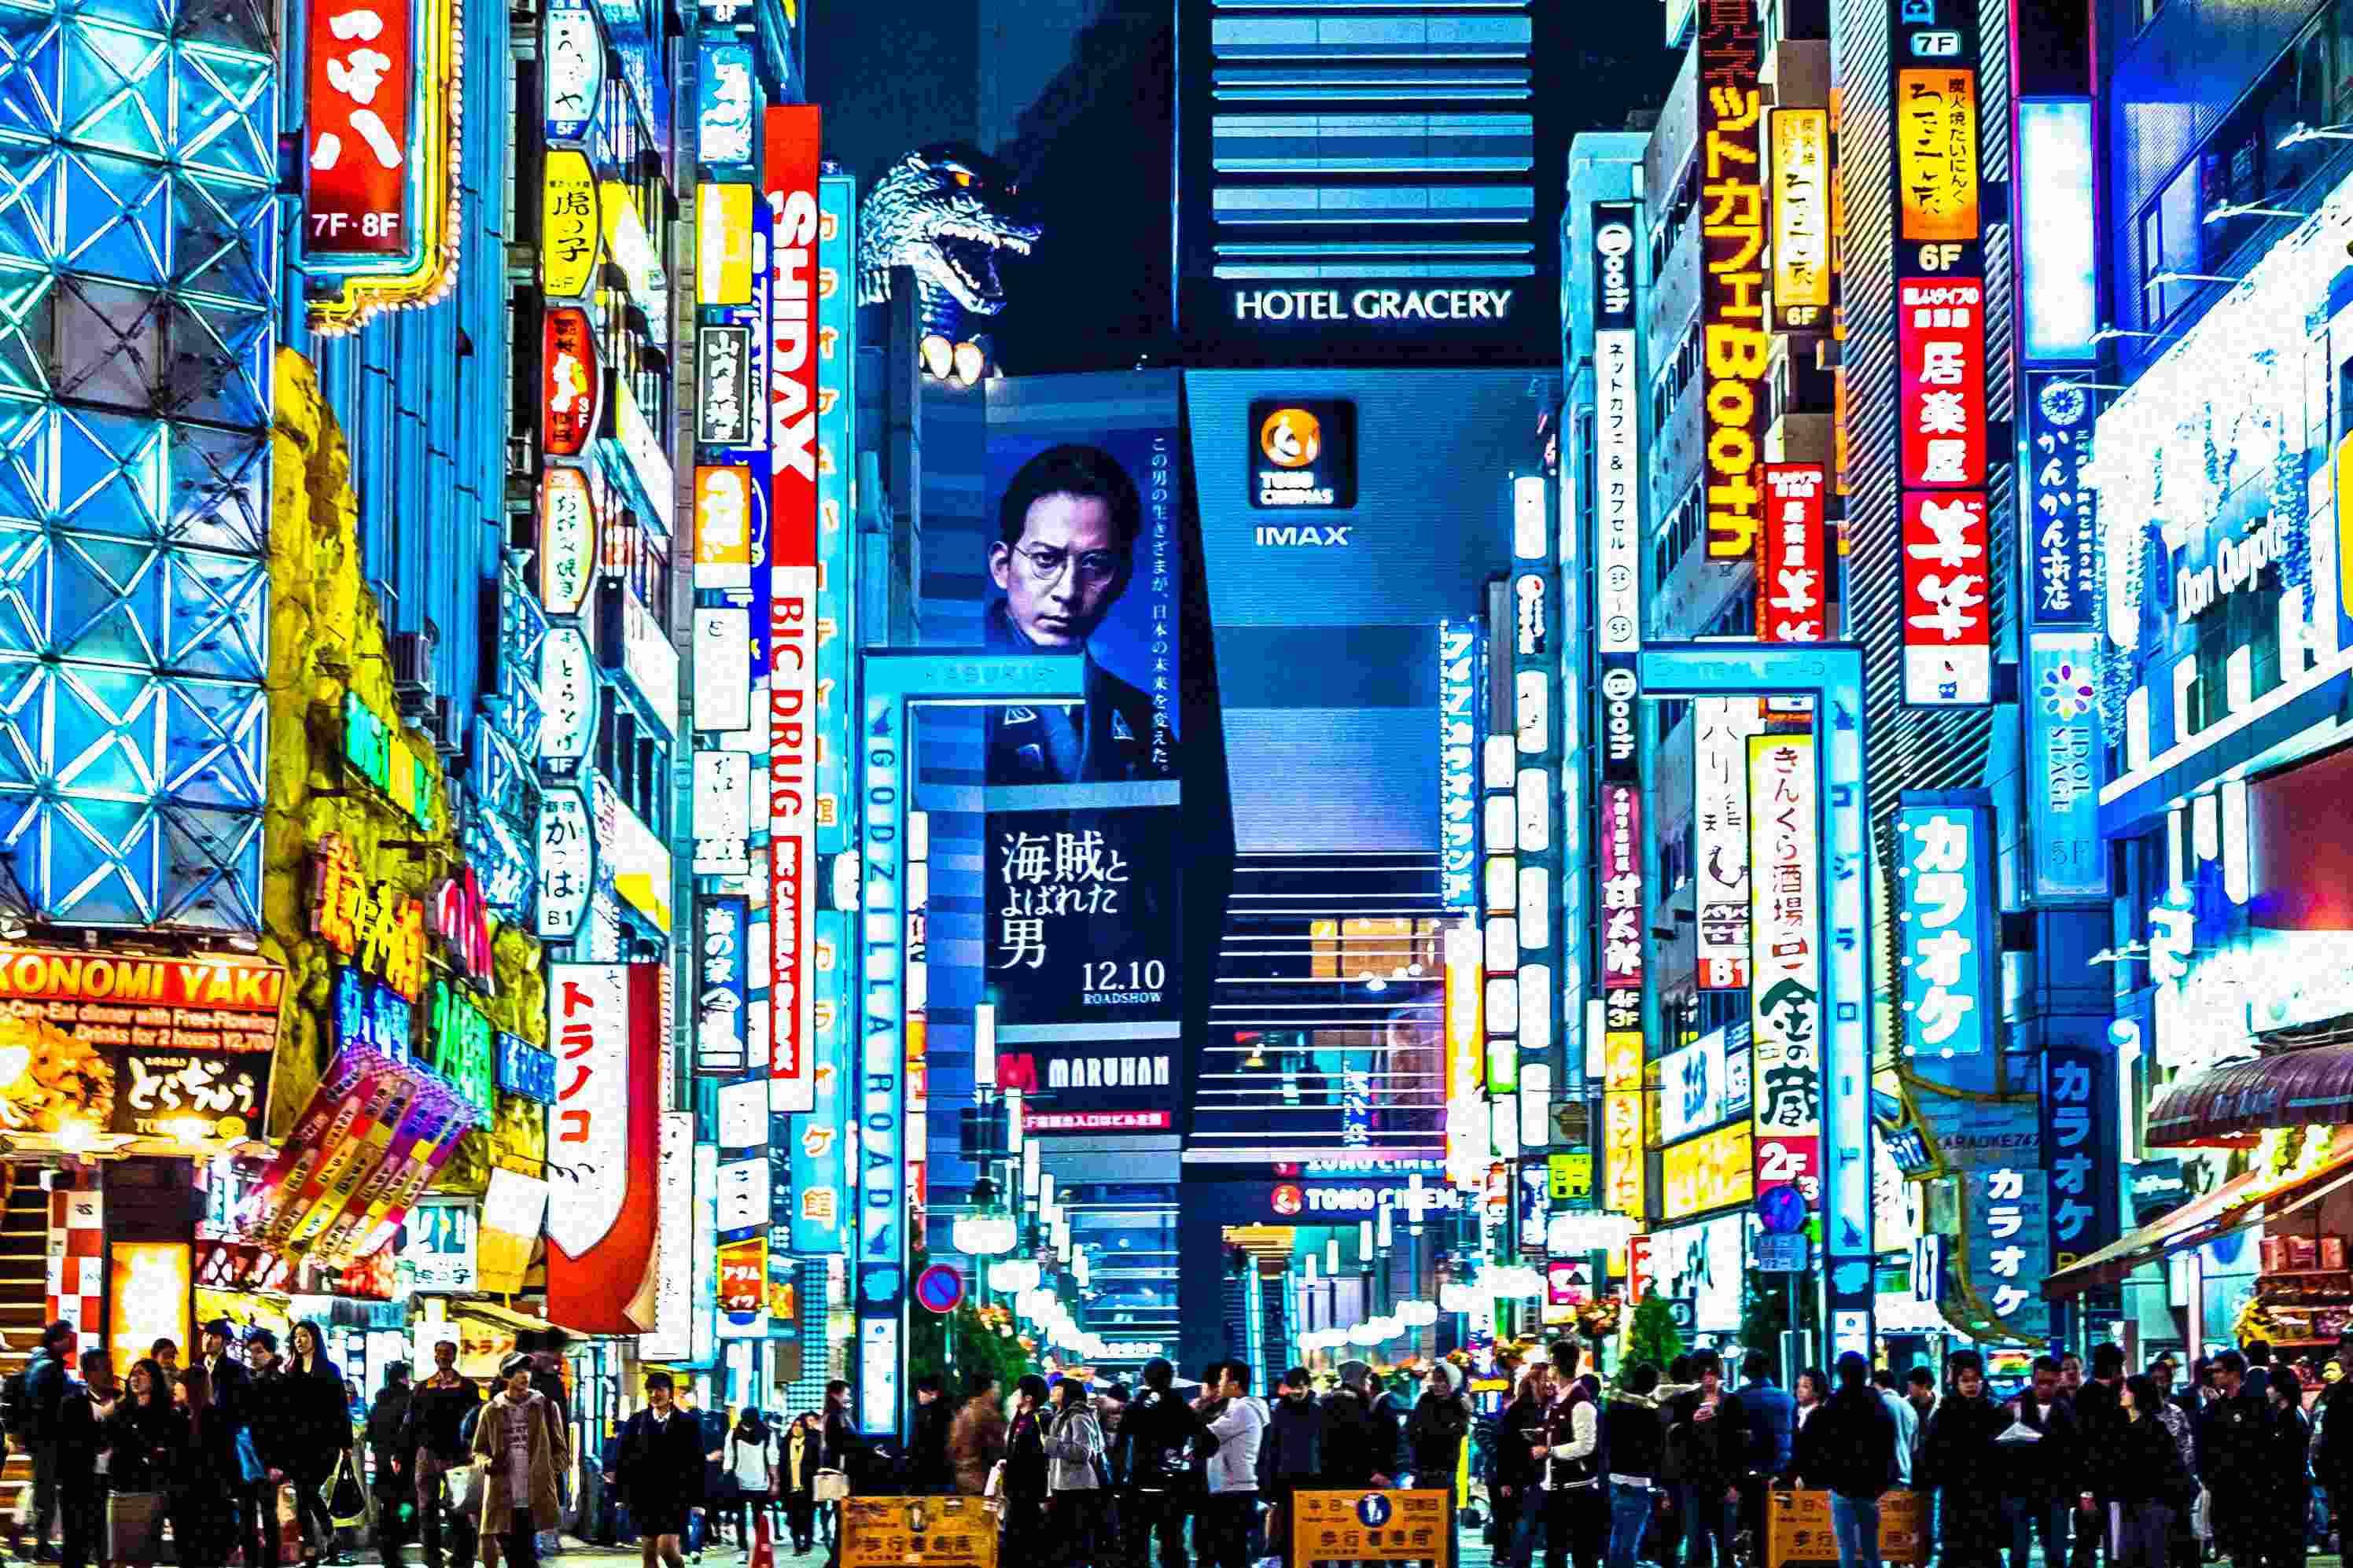 Geishas y samurais. Japón. NUBA everywhere. Tokio de noche